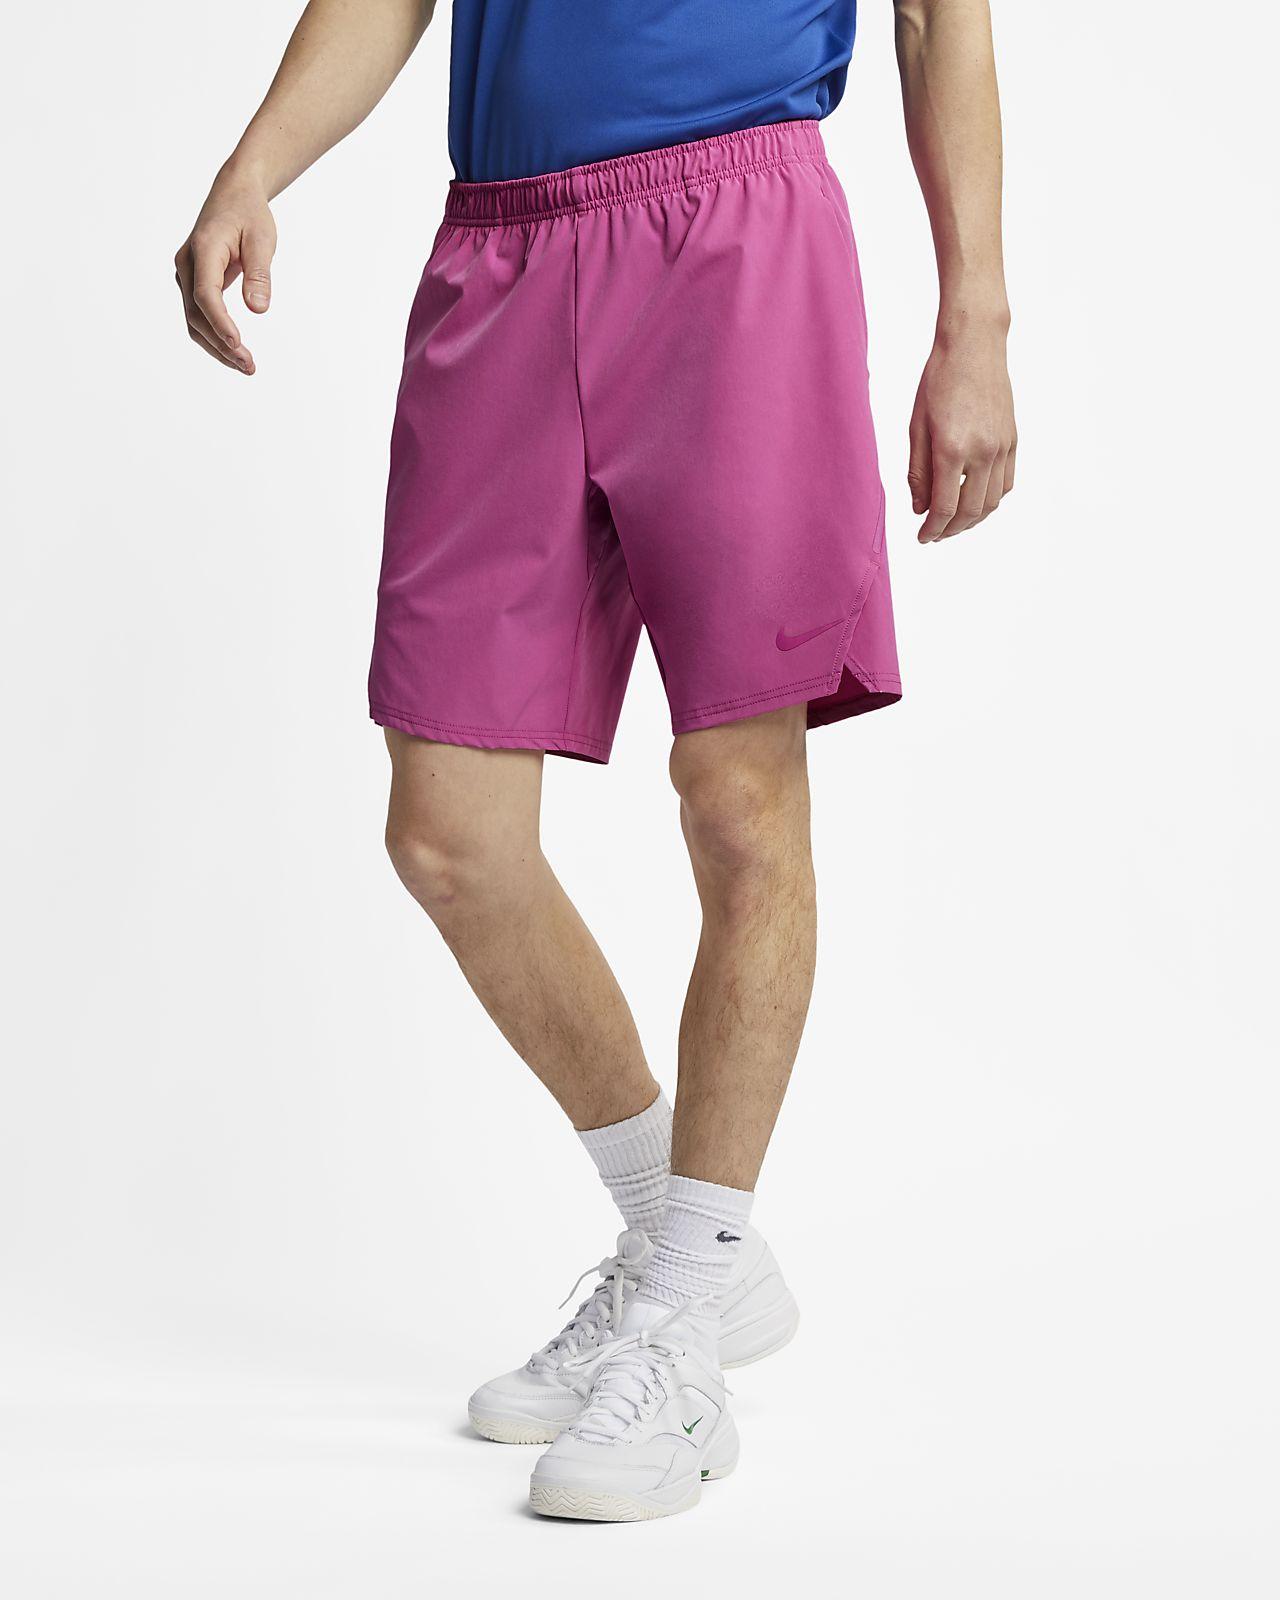 1d9a22403cdc NikeCourt Flex Ace Men s 9